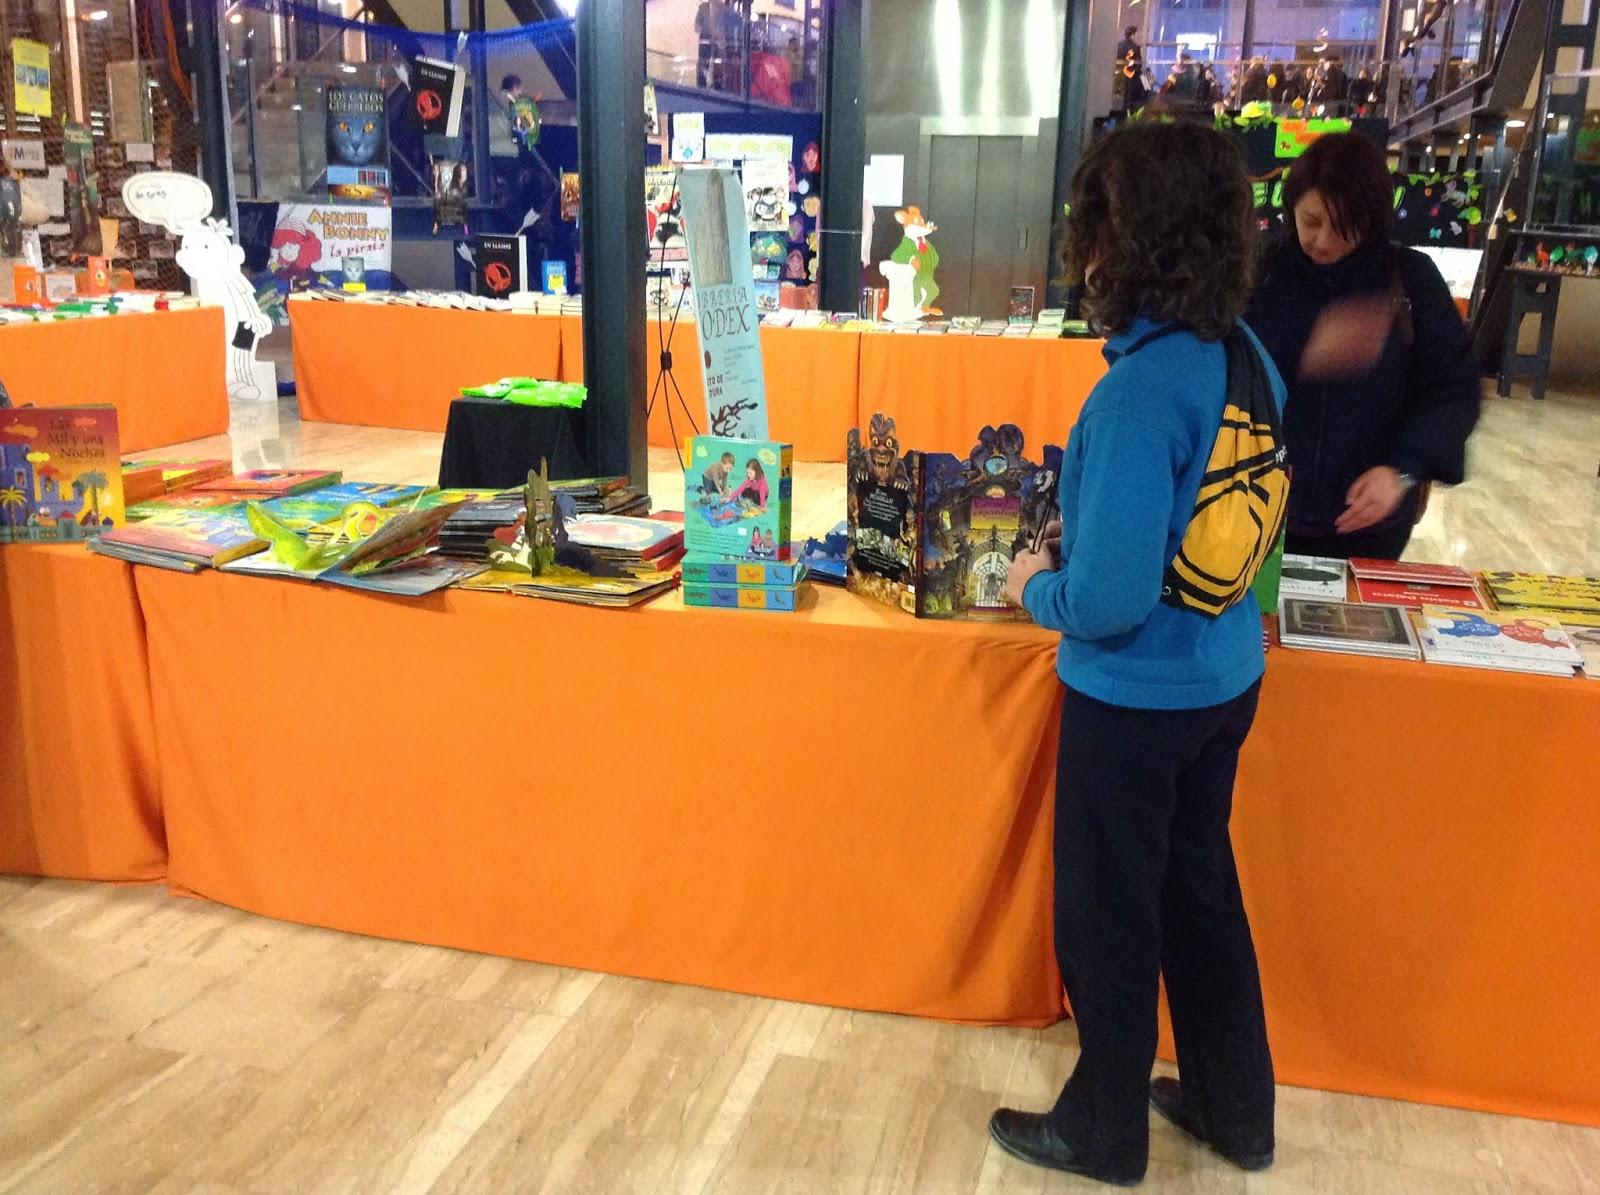 """VII Salón del Libro Infantil y Juvenil """"Ciudad de Orihuela"""" libreria codex"""